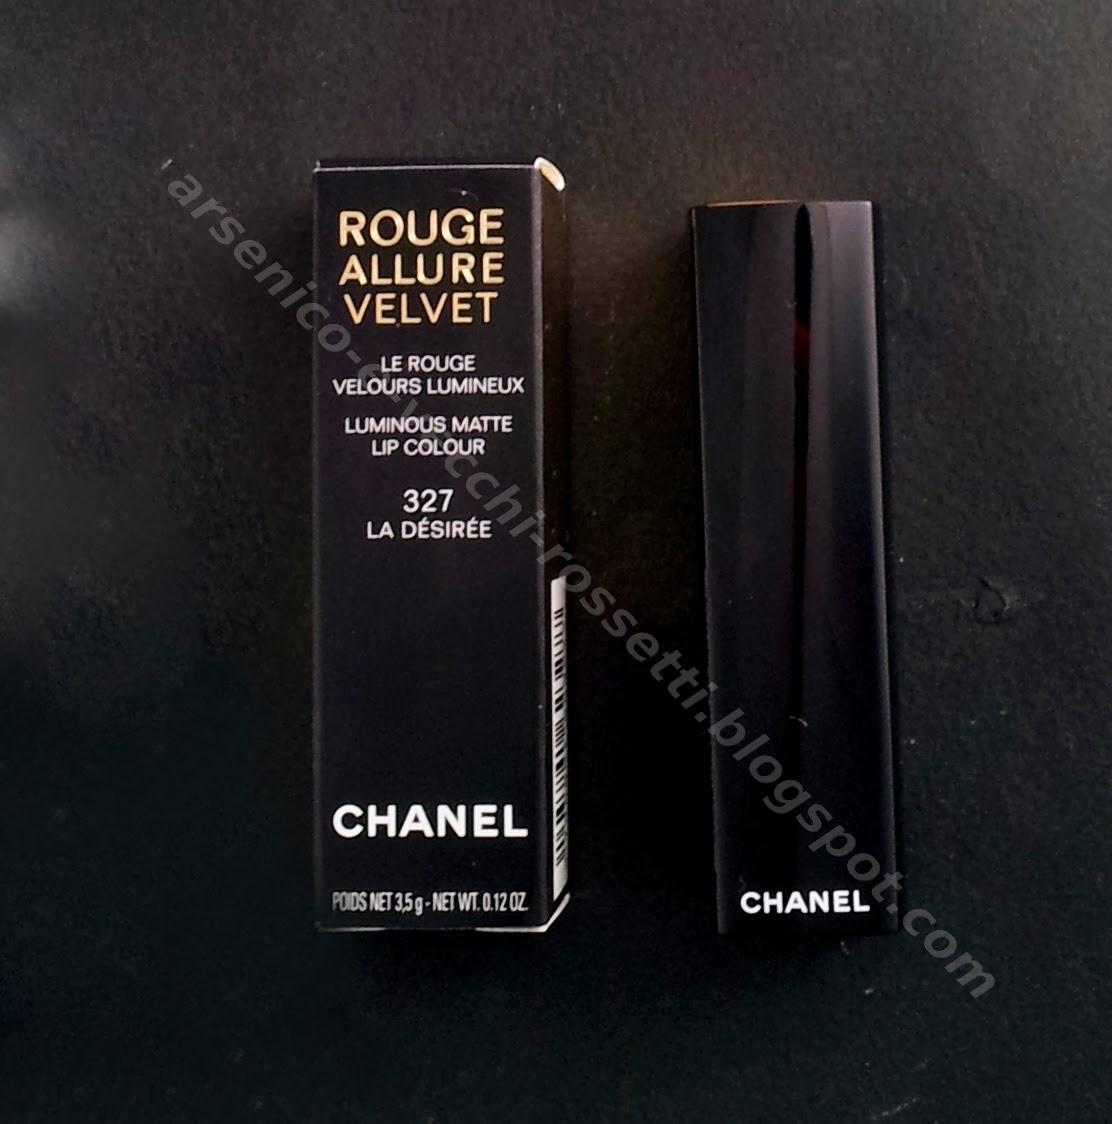 Chanel rossetto Rouge Allure Velvet #327 La Désirée